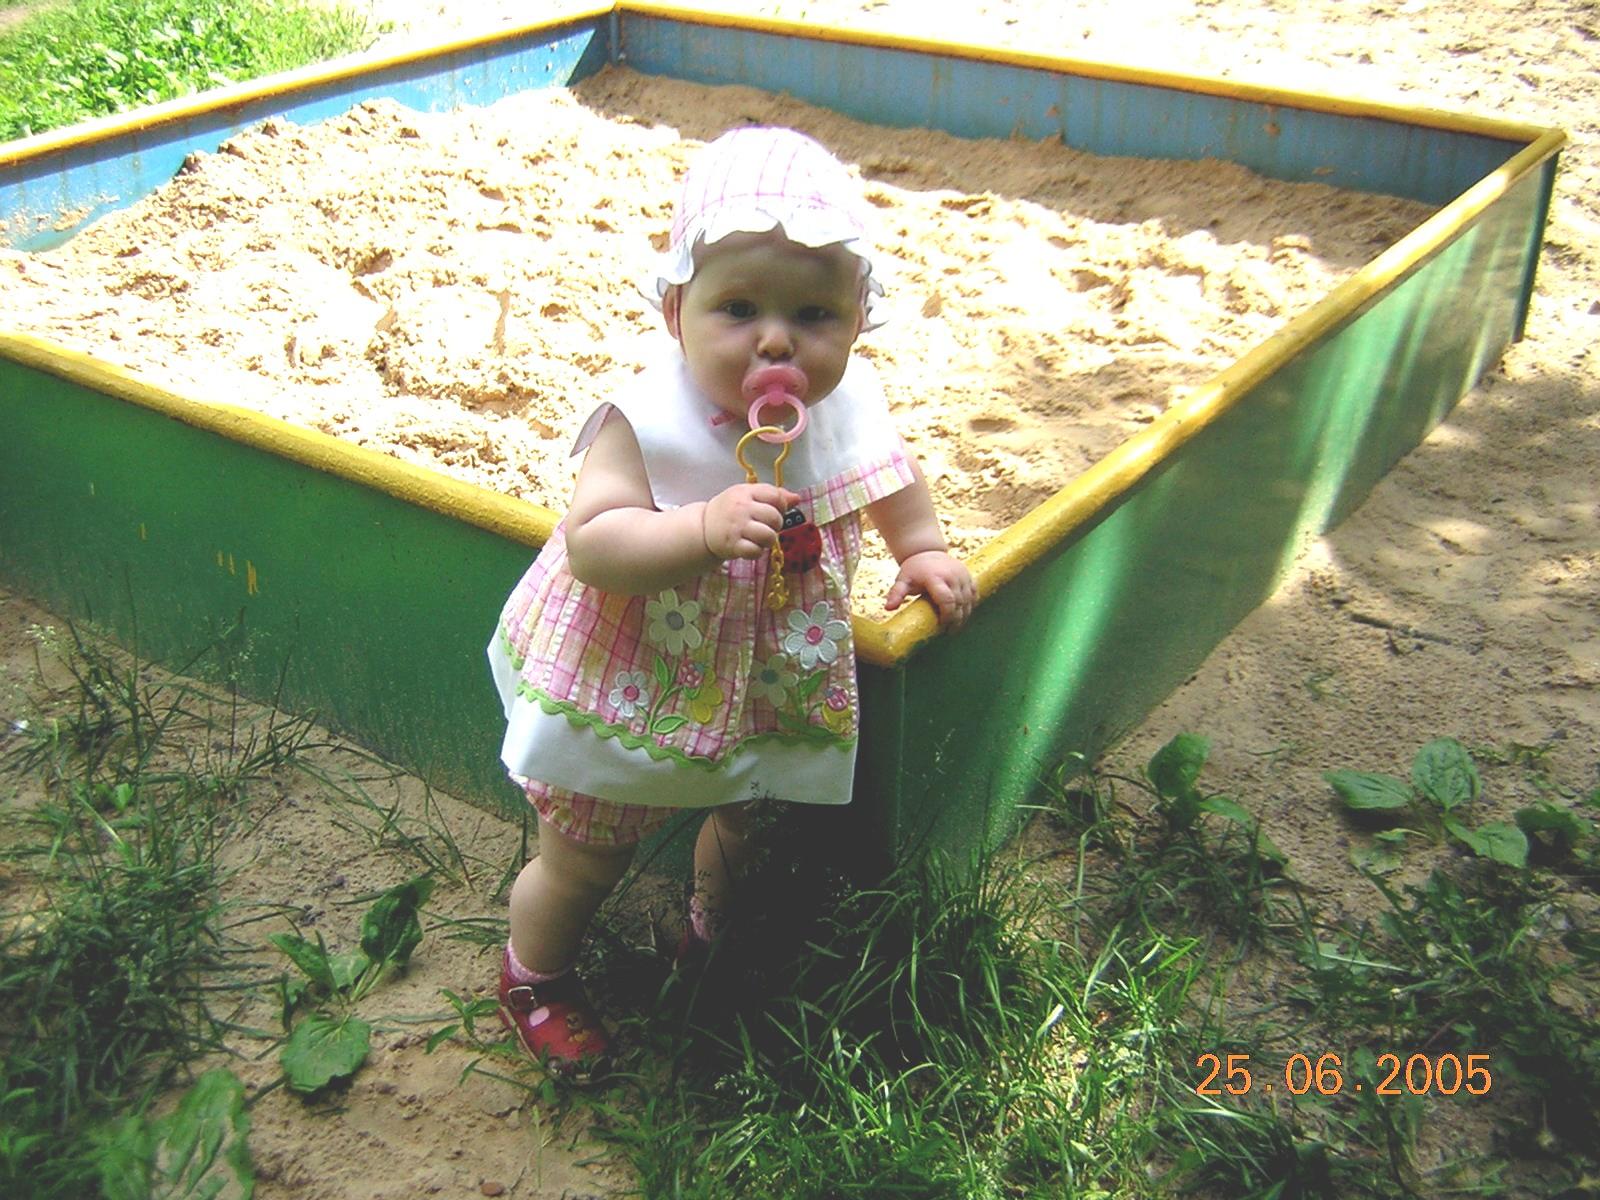 Кристинка возле песочницы. Я построил на песке...